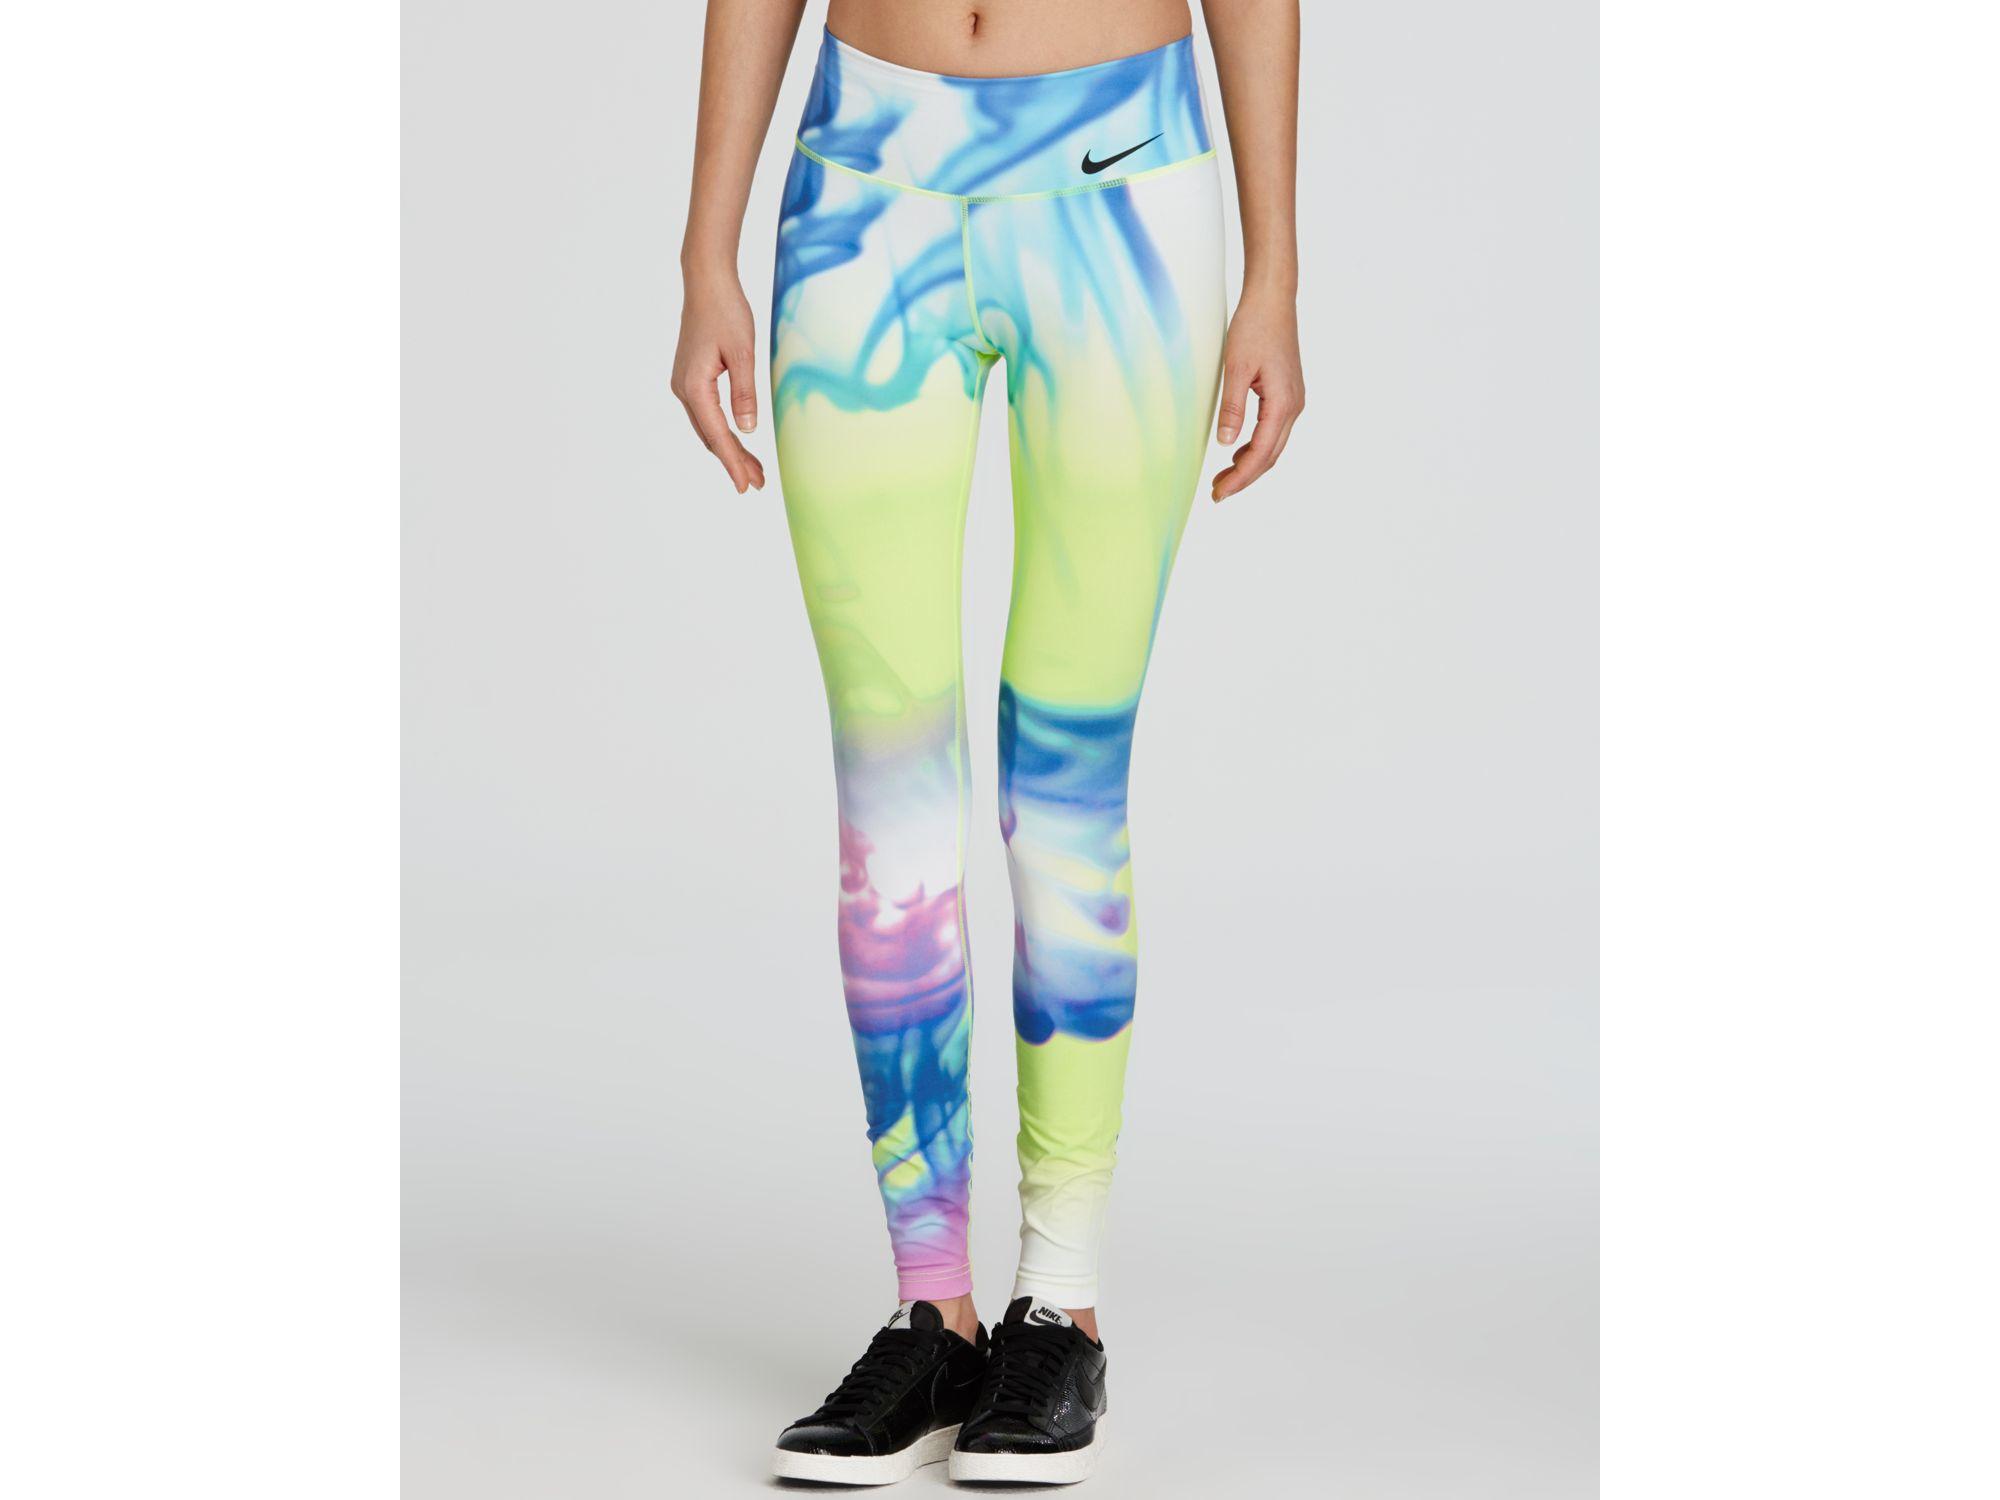 online retailer 3d002 d2144 Nike Leggings - Legendary Lava Print Long - Lyst